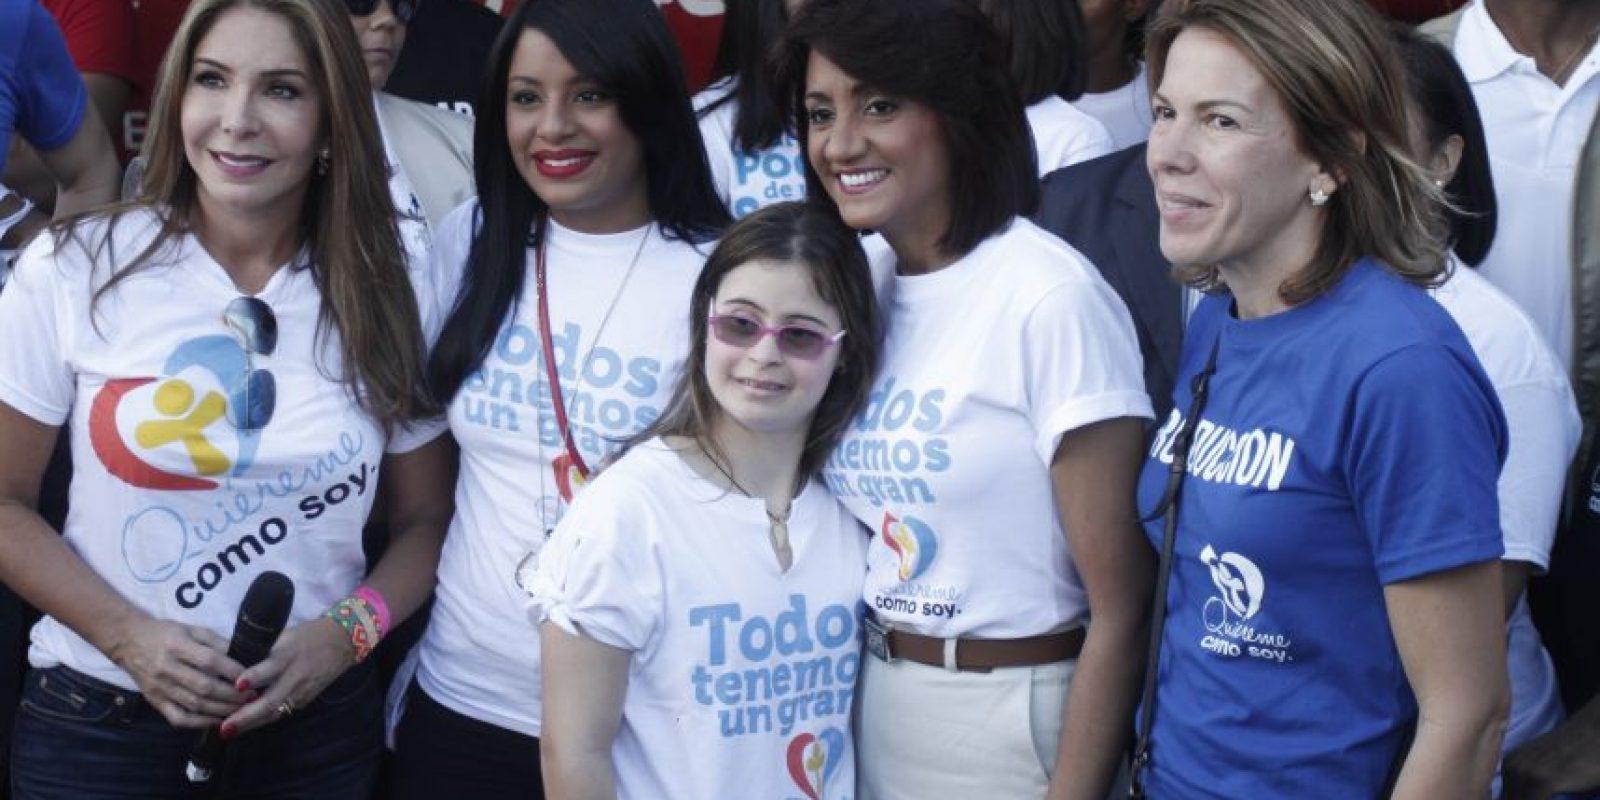 La primera dama junto algunas presentadoras de televisión Foto:Roberto Guzmán